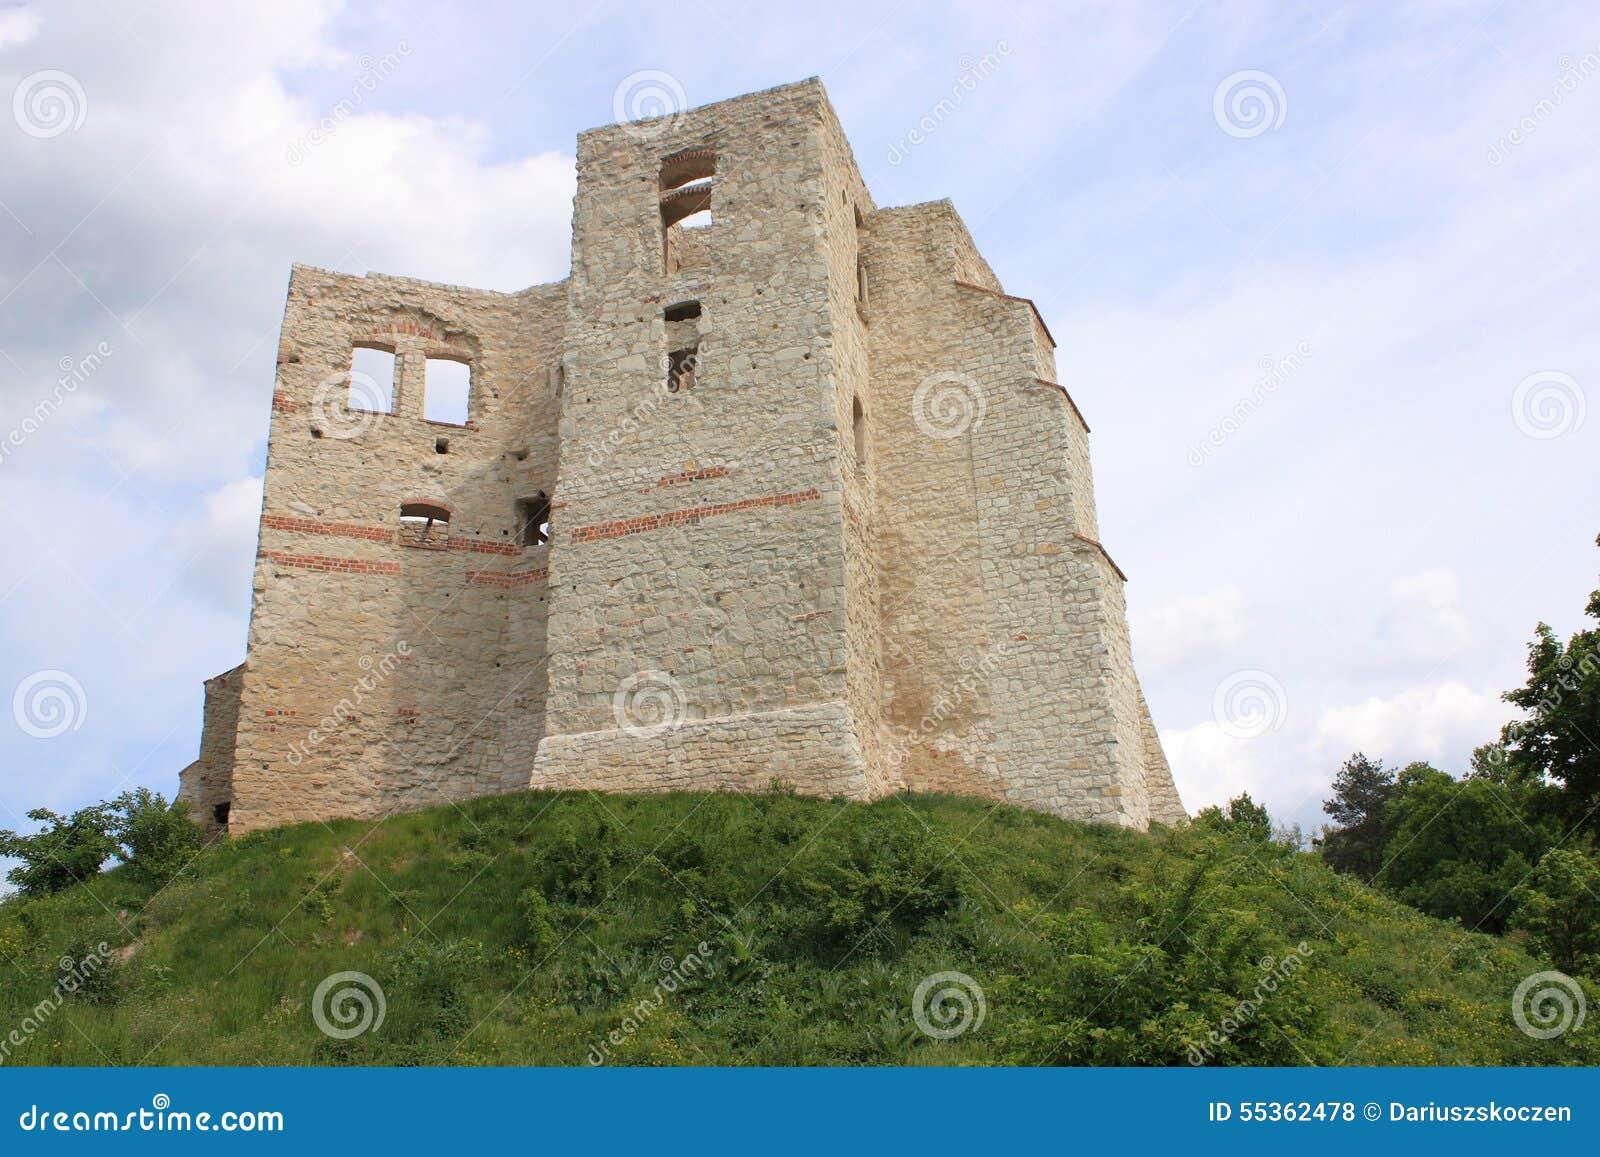 Kazimierz Dolny da tne il Vistola (Polonia) - le rovine del castello